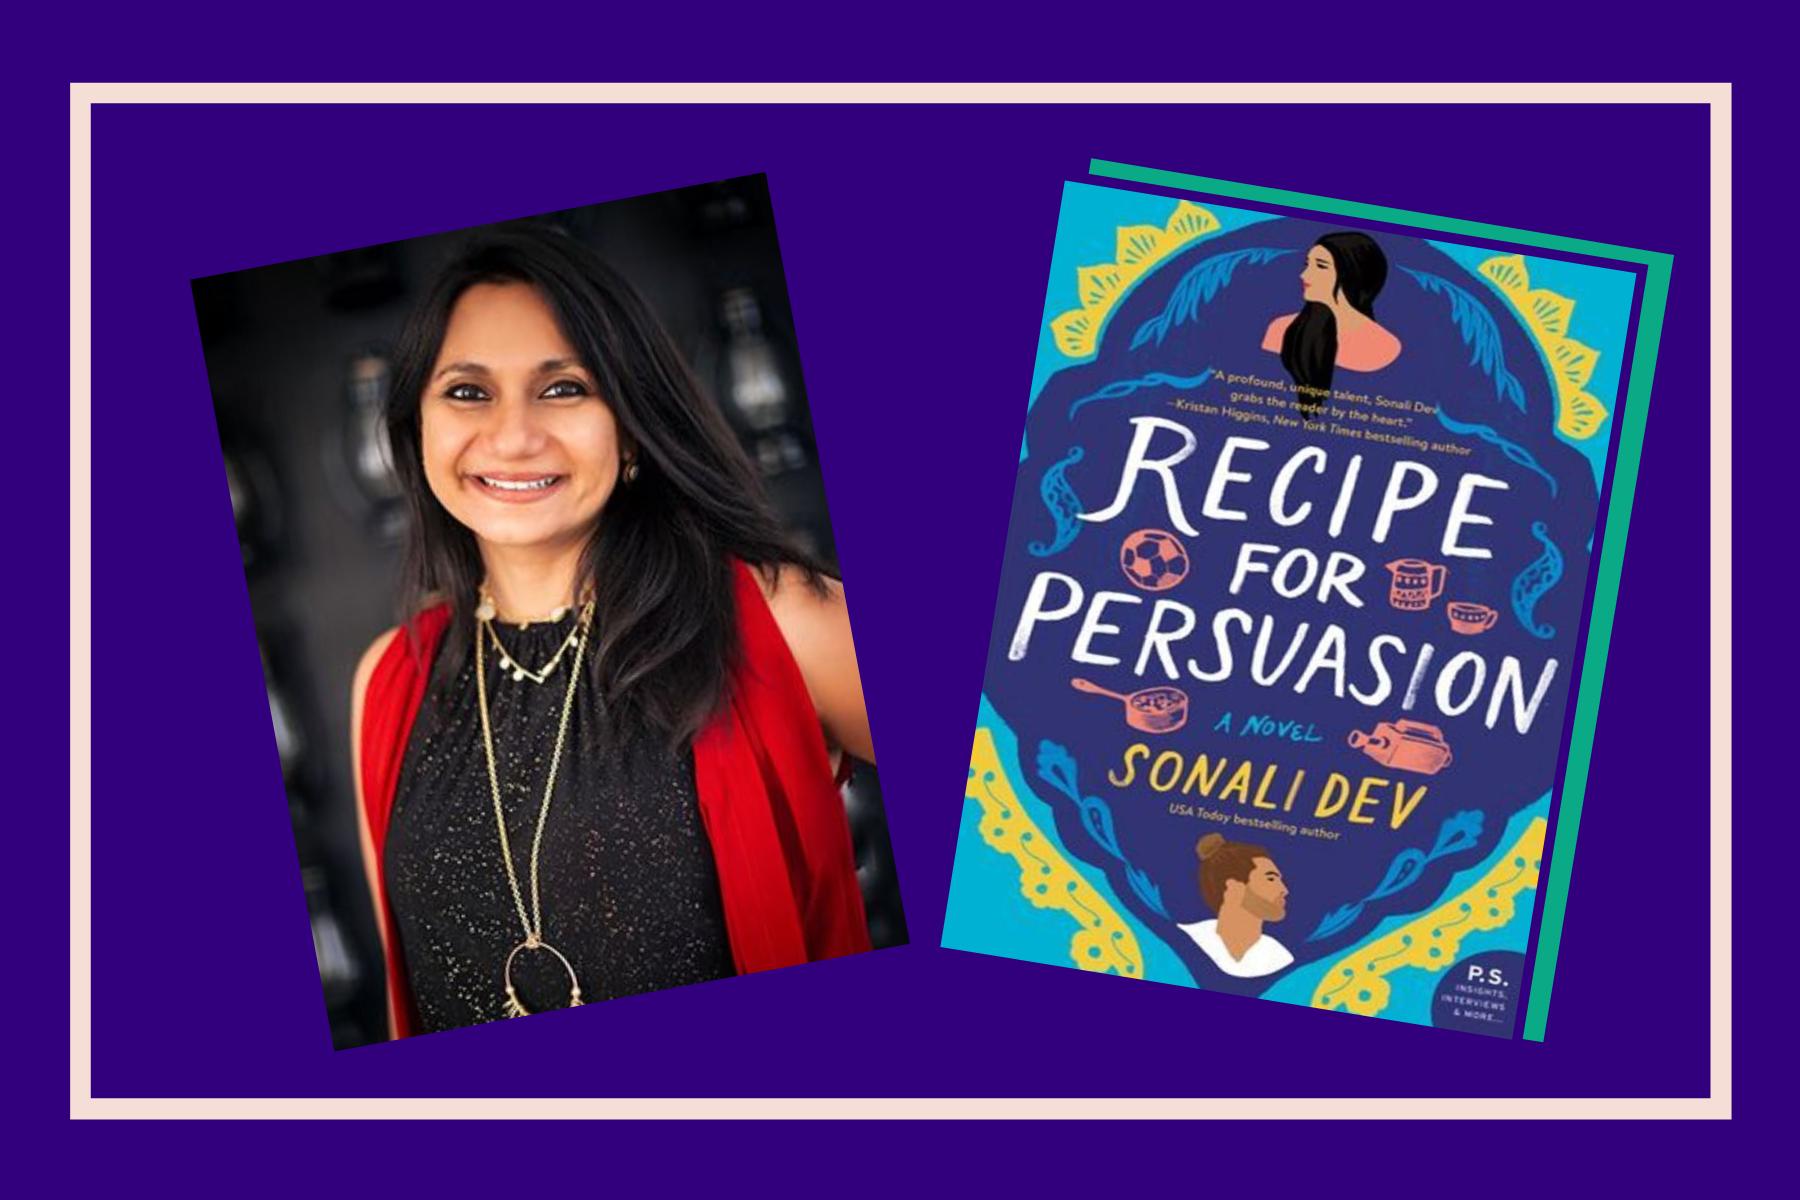 Recipe for Persuasion author interview